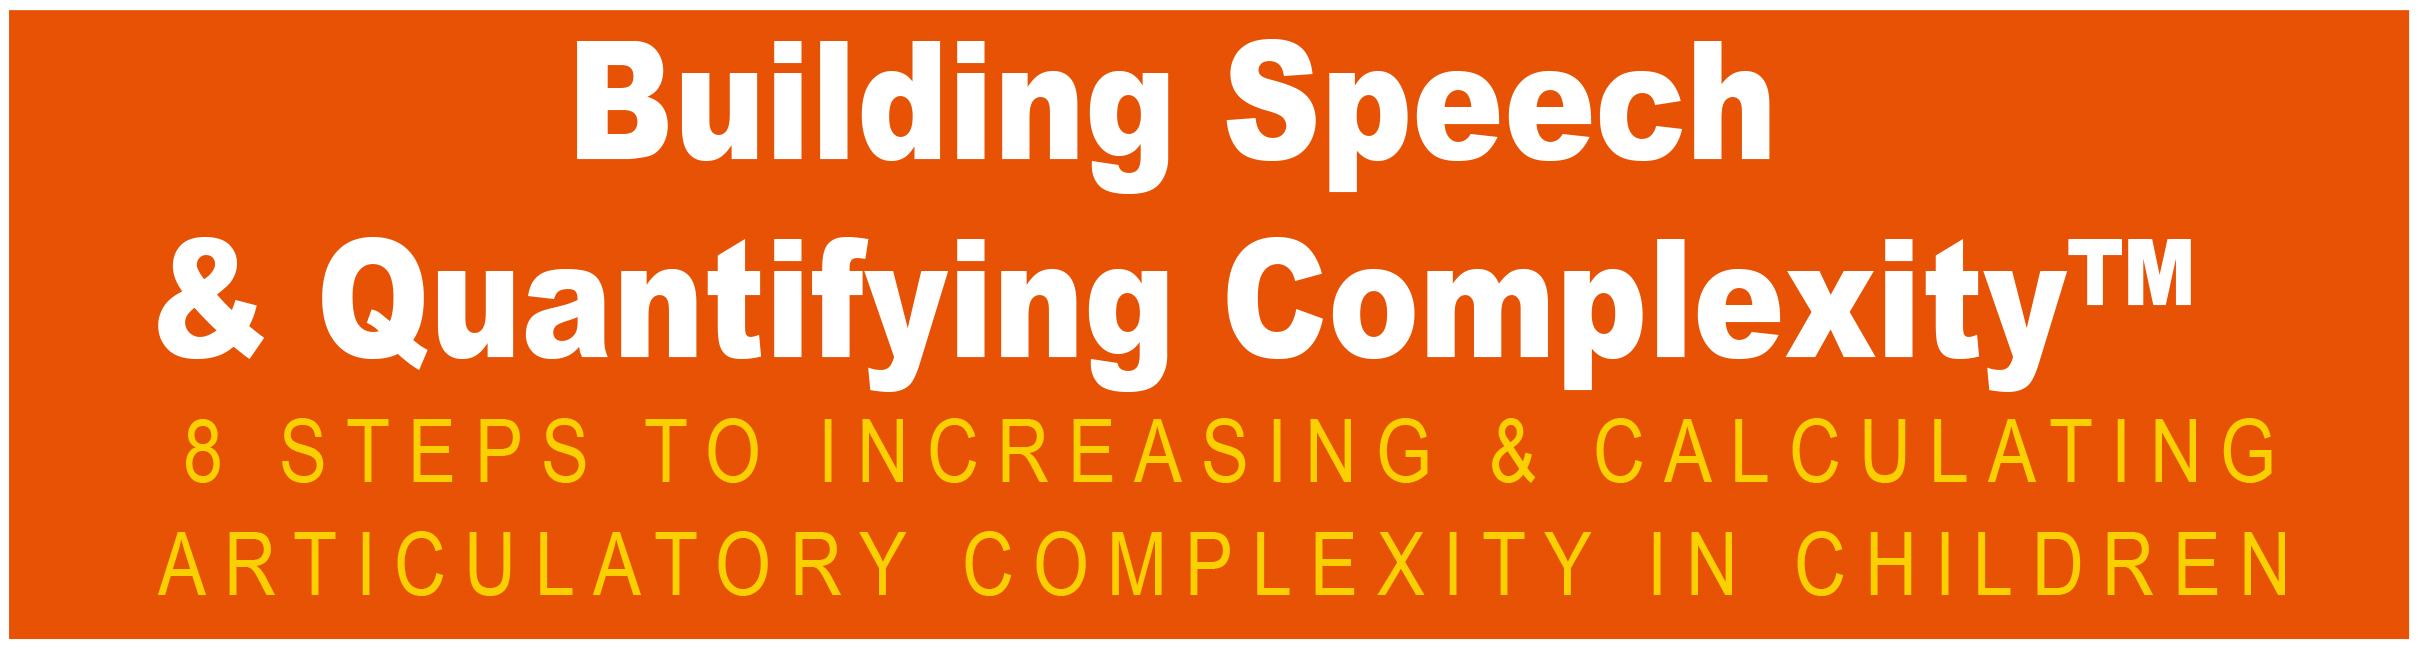 Building Speech Flier Final2